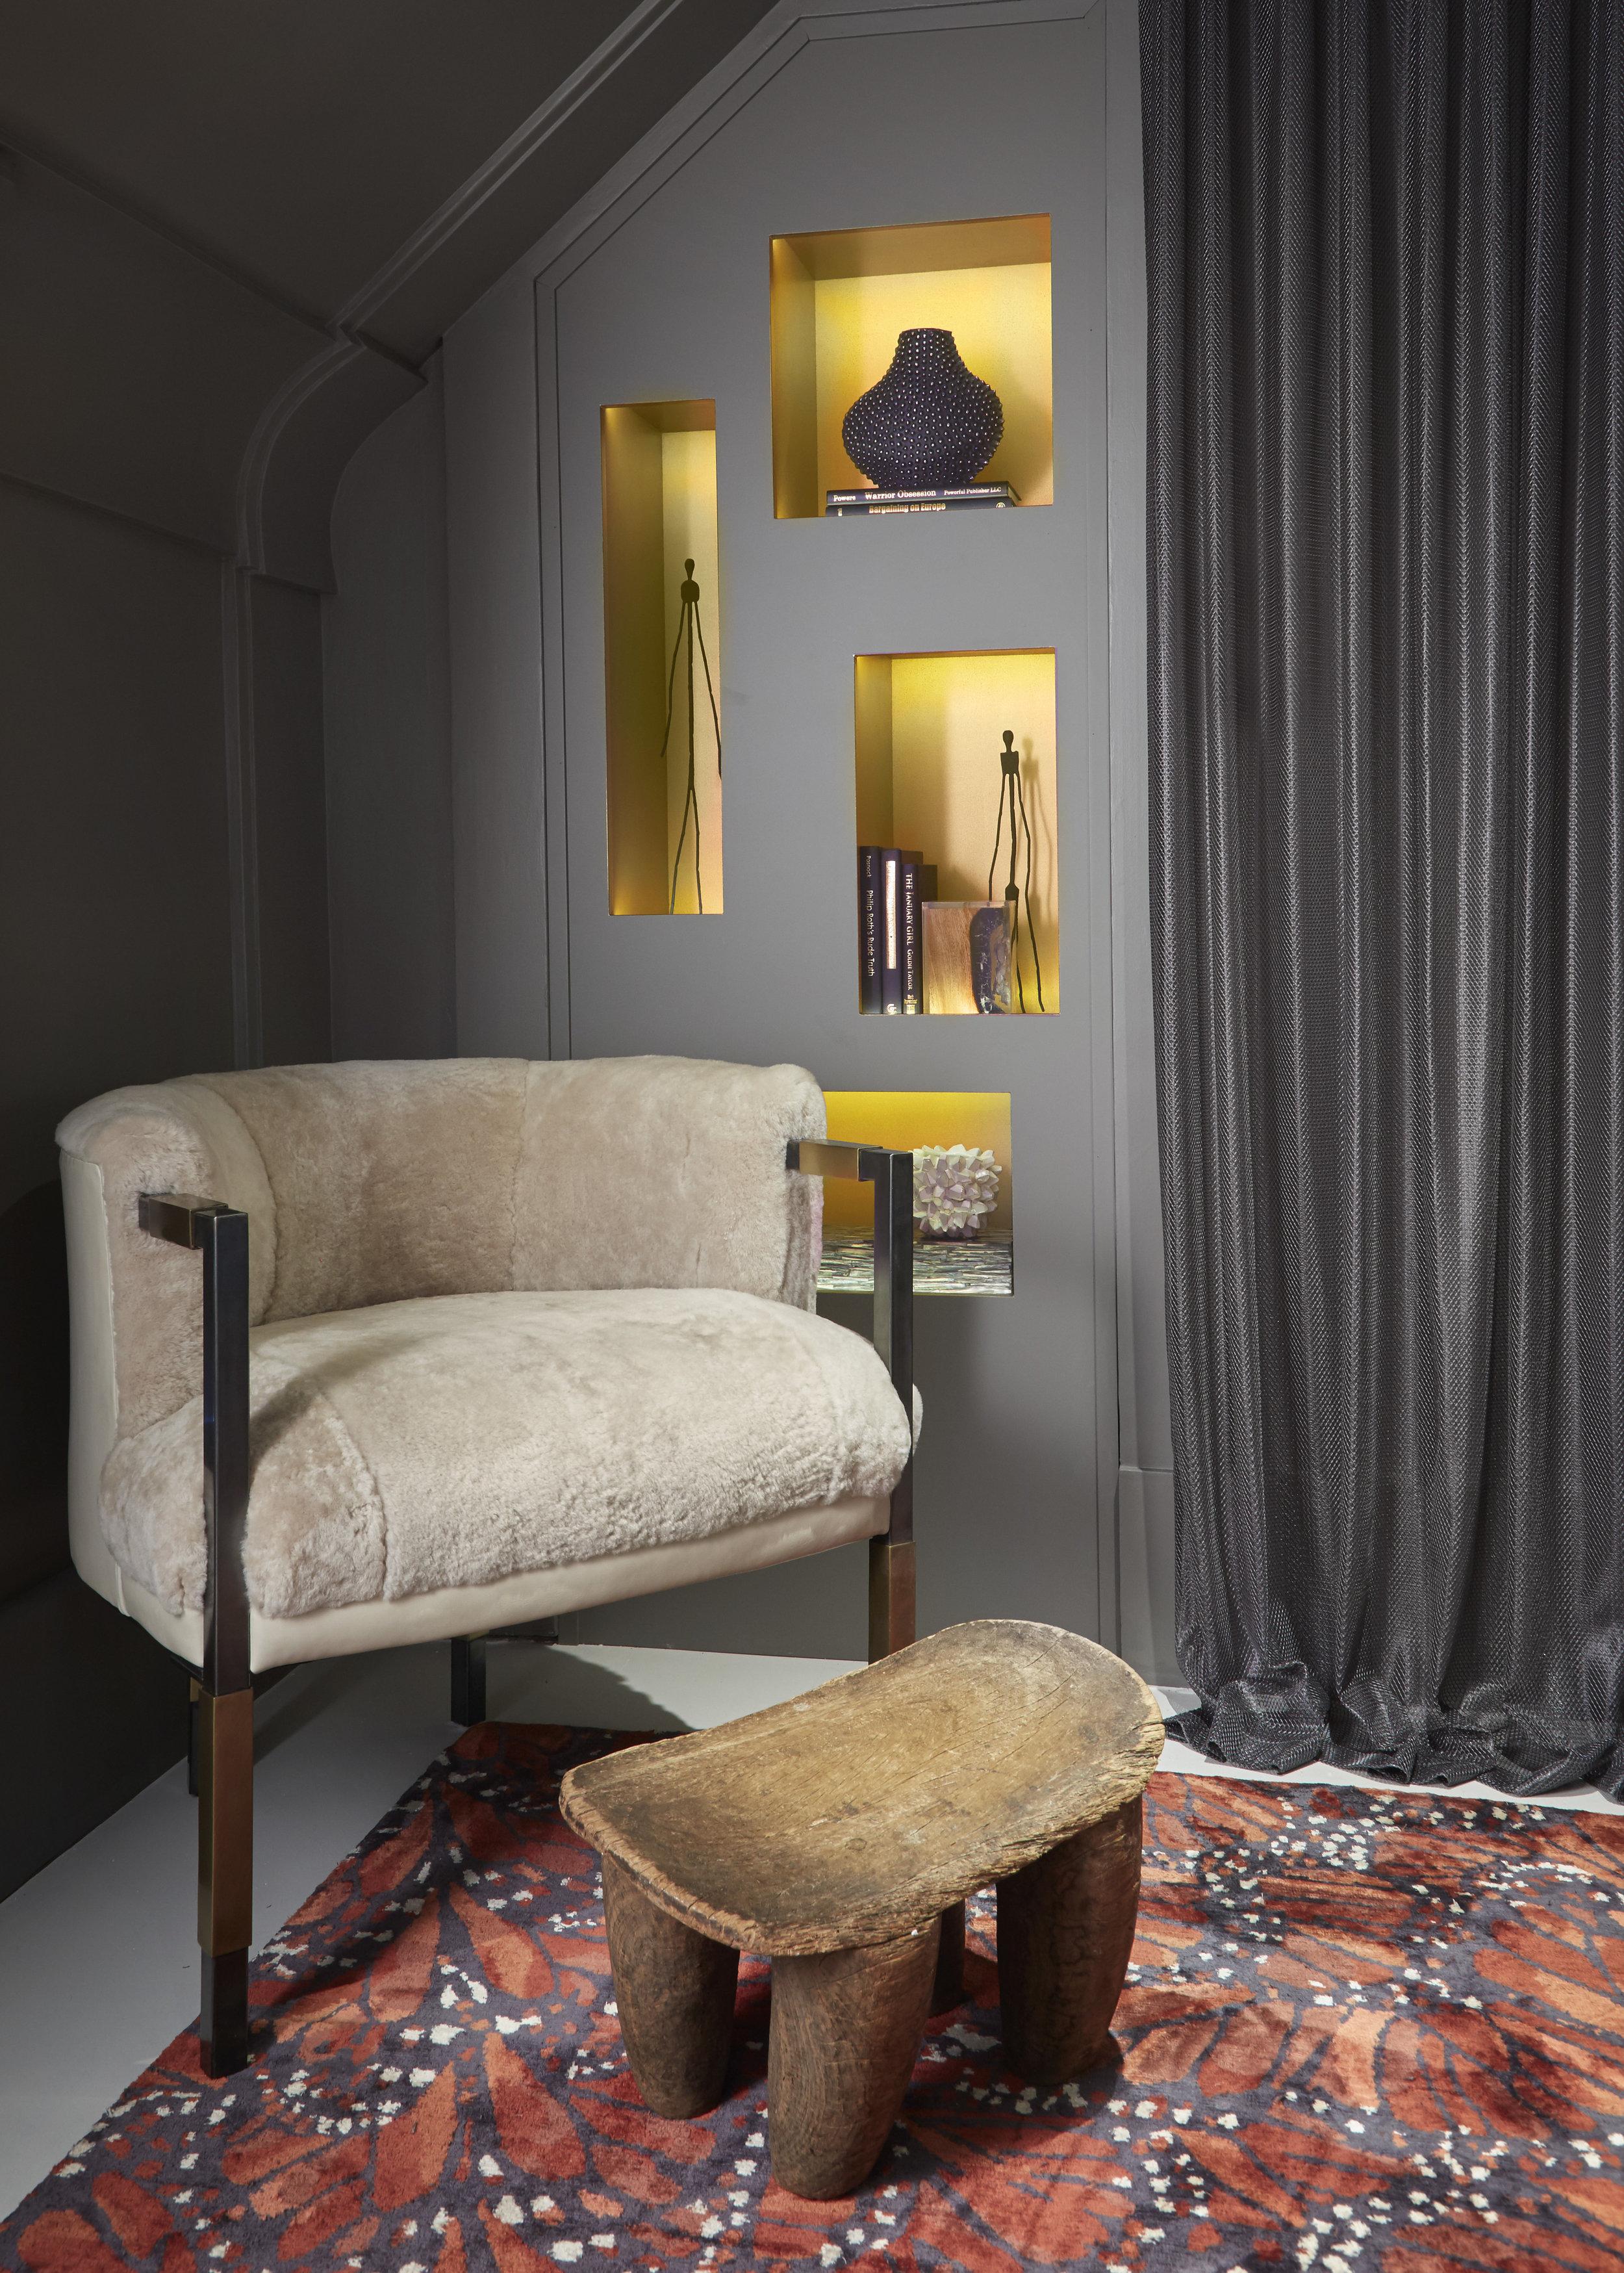 No 7, Donna Mondi Interior Design, Werner Straube, 2.jpg